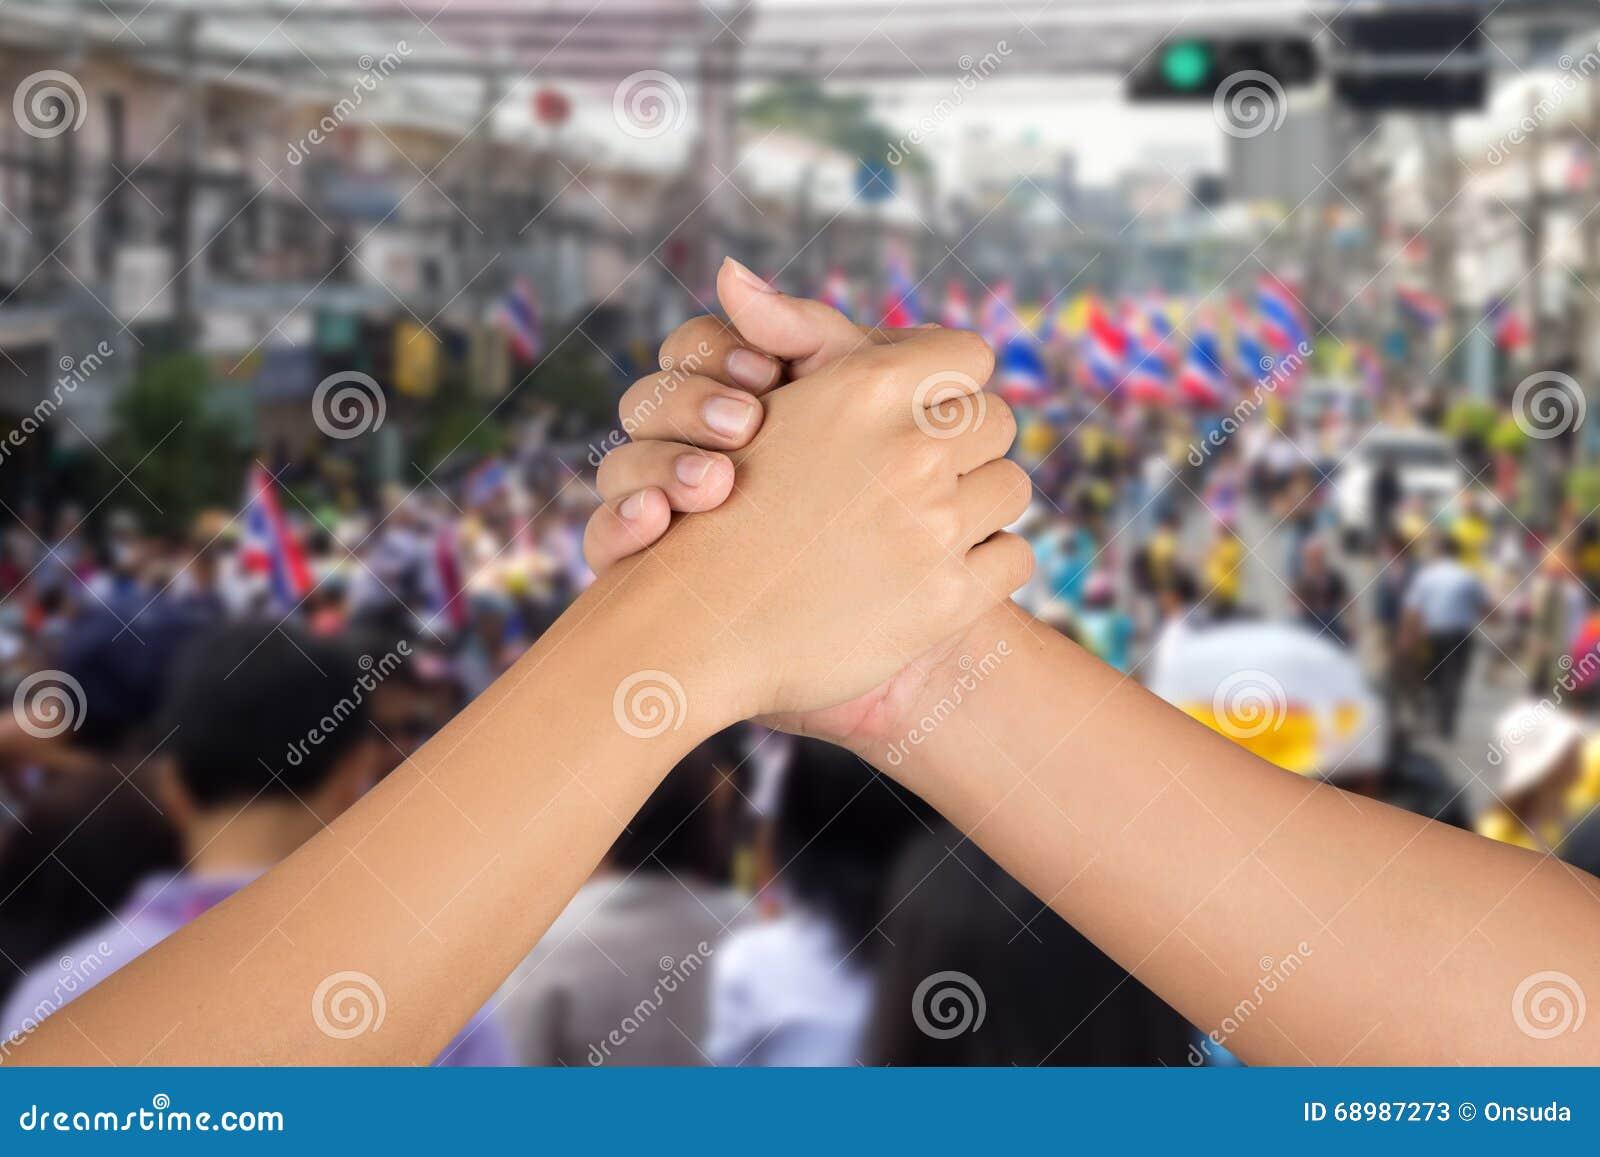 La mano de los hombres se une a junta